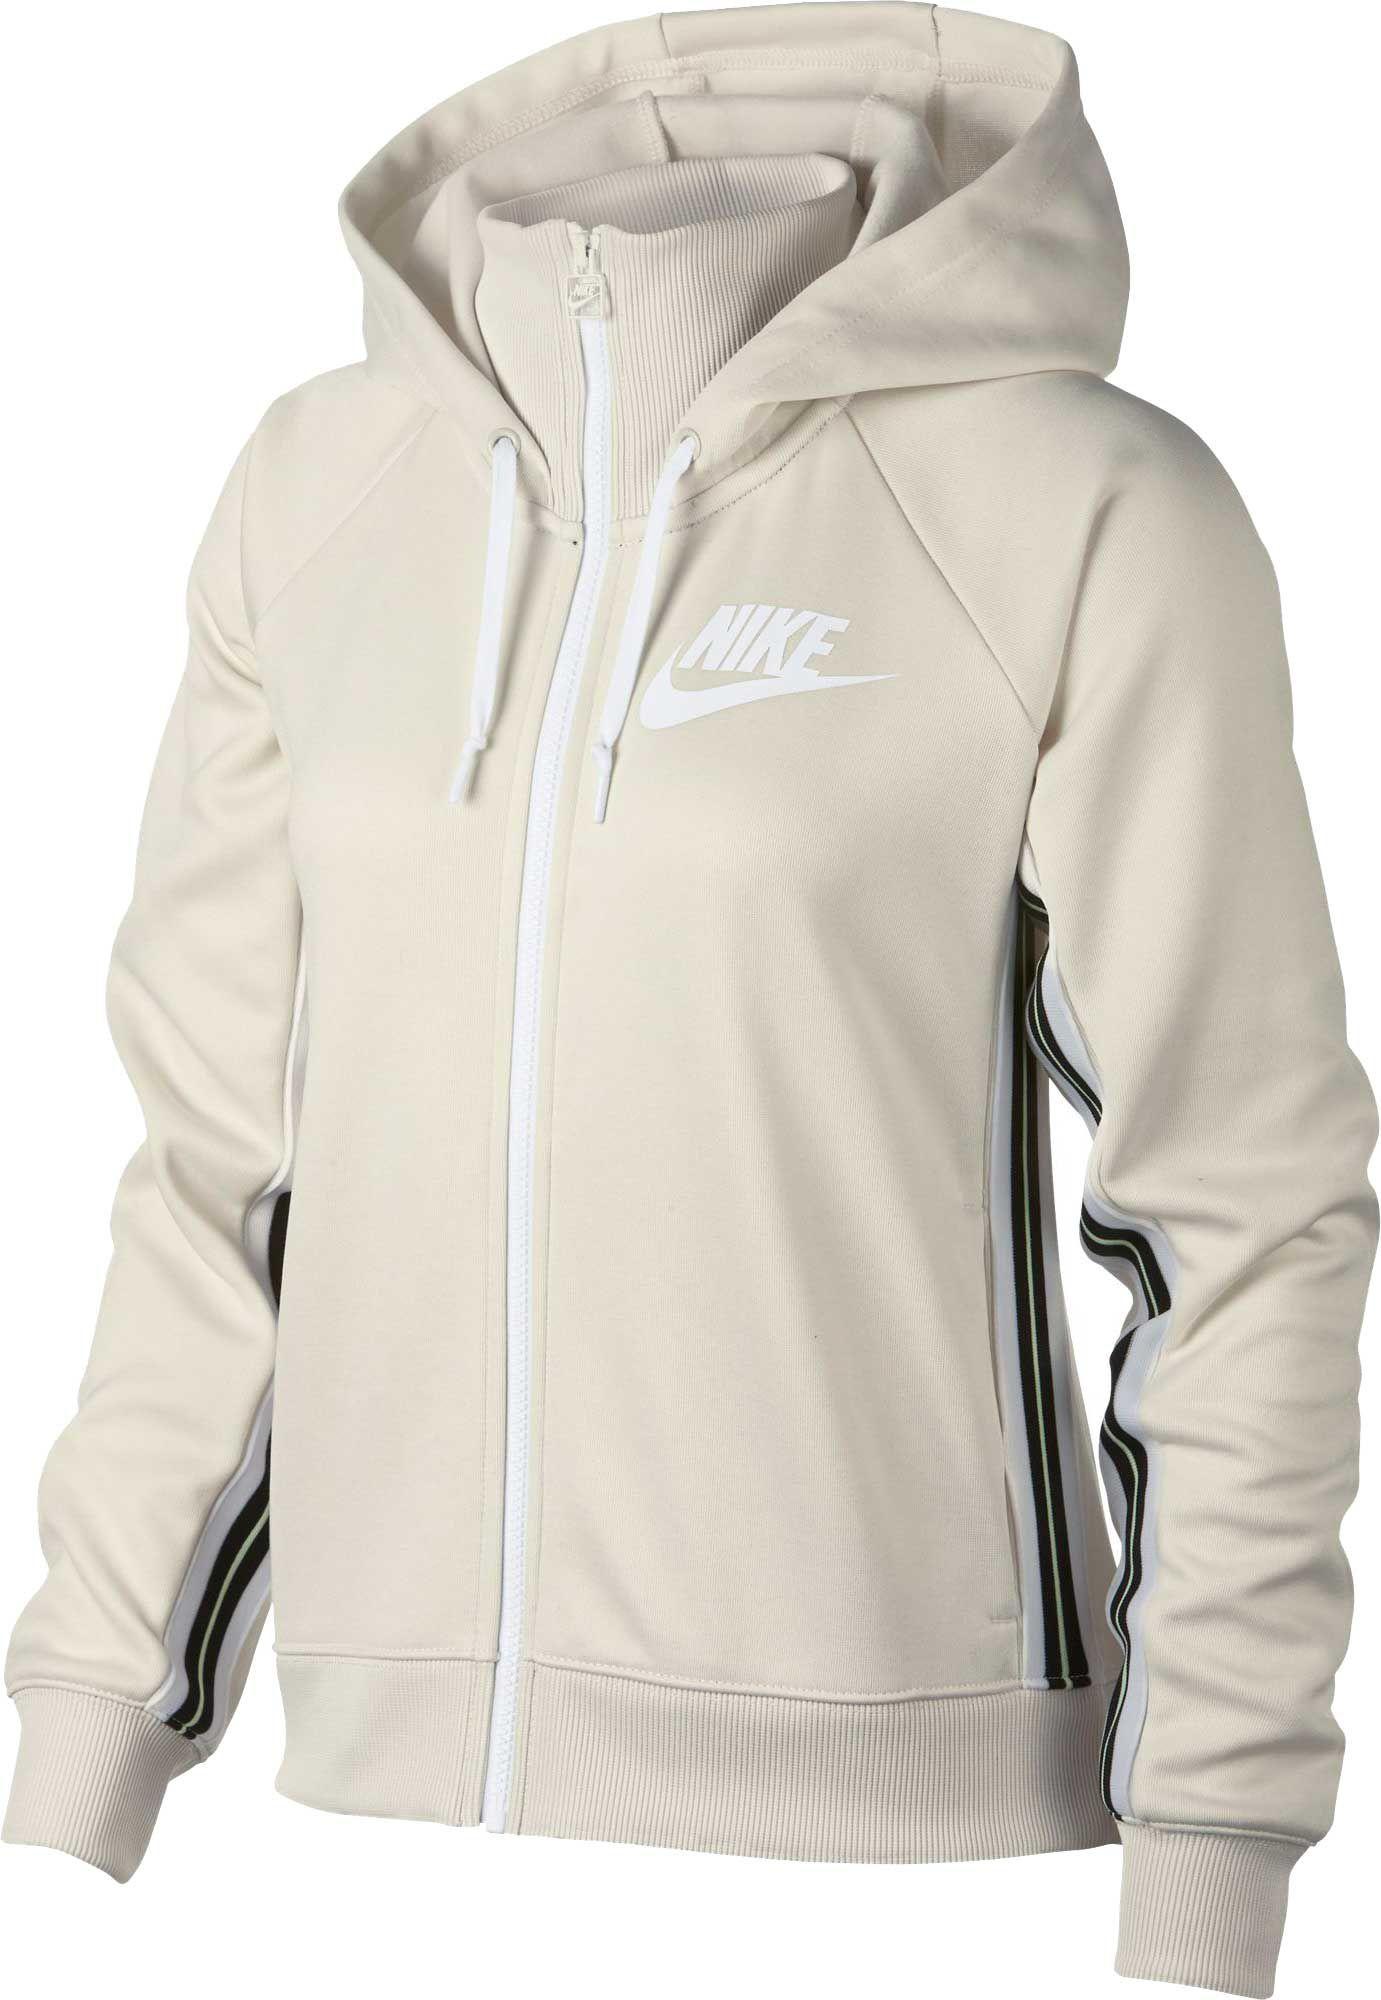 Nike Women s Sportswear Full-Zip Tracksuit Hoodie in 2019  187d0b8e6a